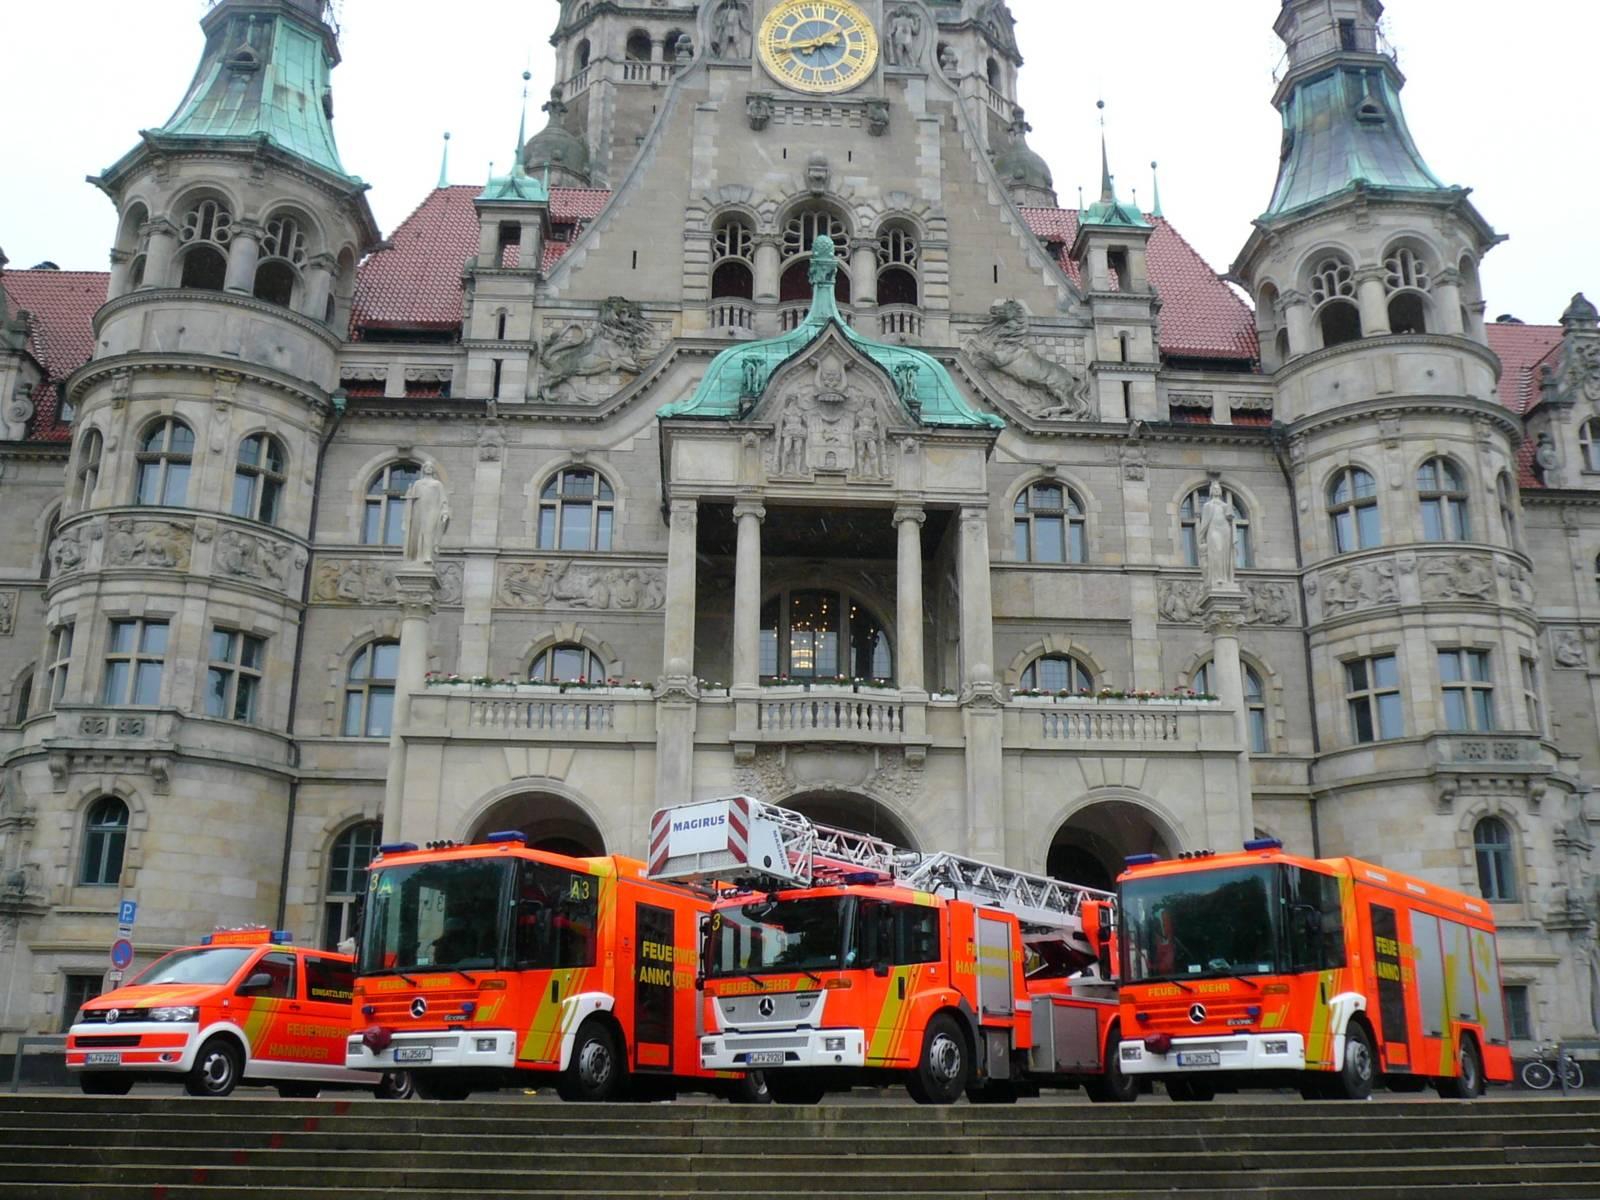 Löschzug Feuerwehr Hannover vor dem Neuen Rathaus